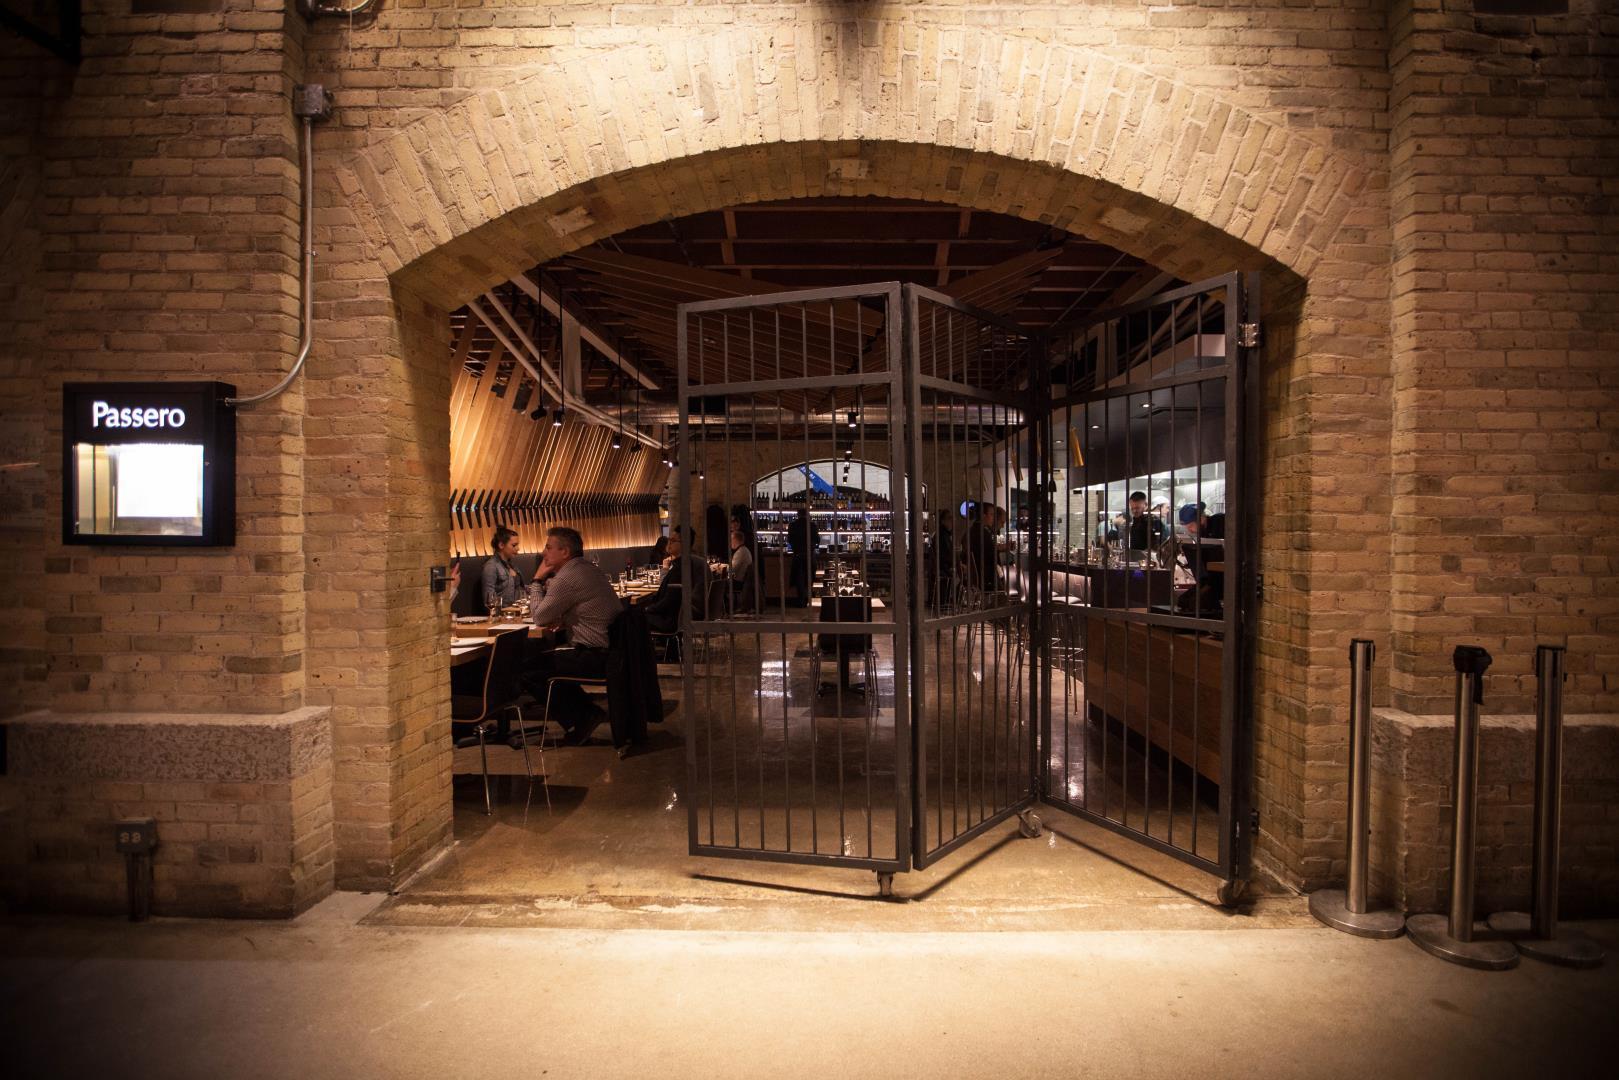 Passero Restaurant - Picture